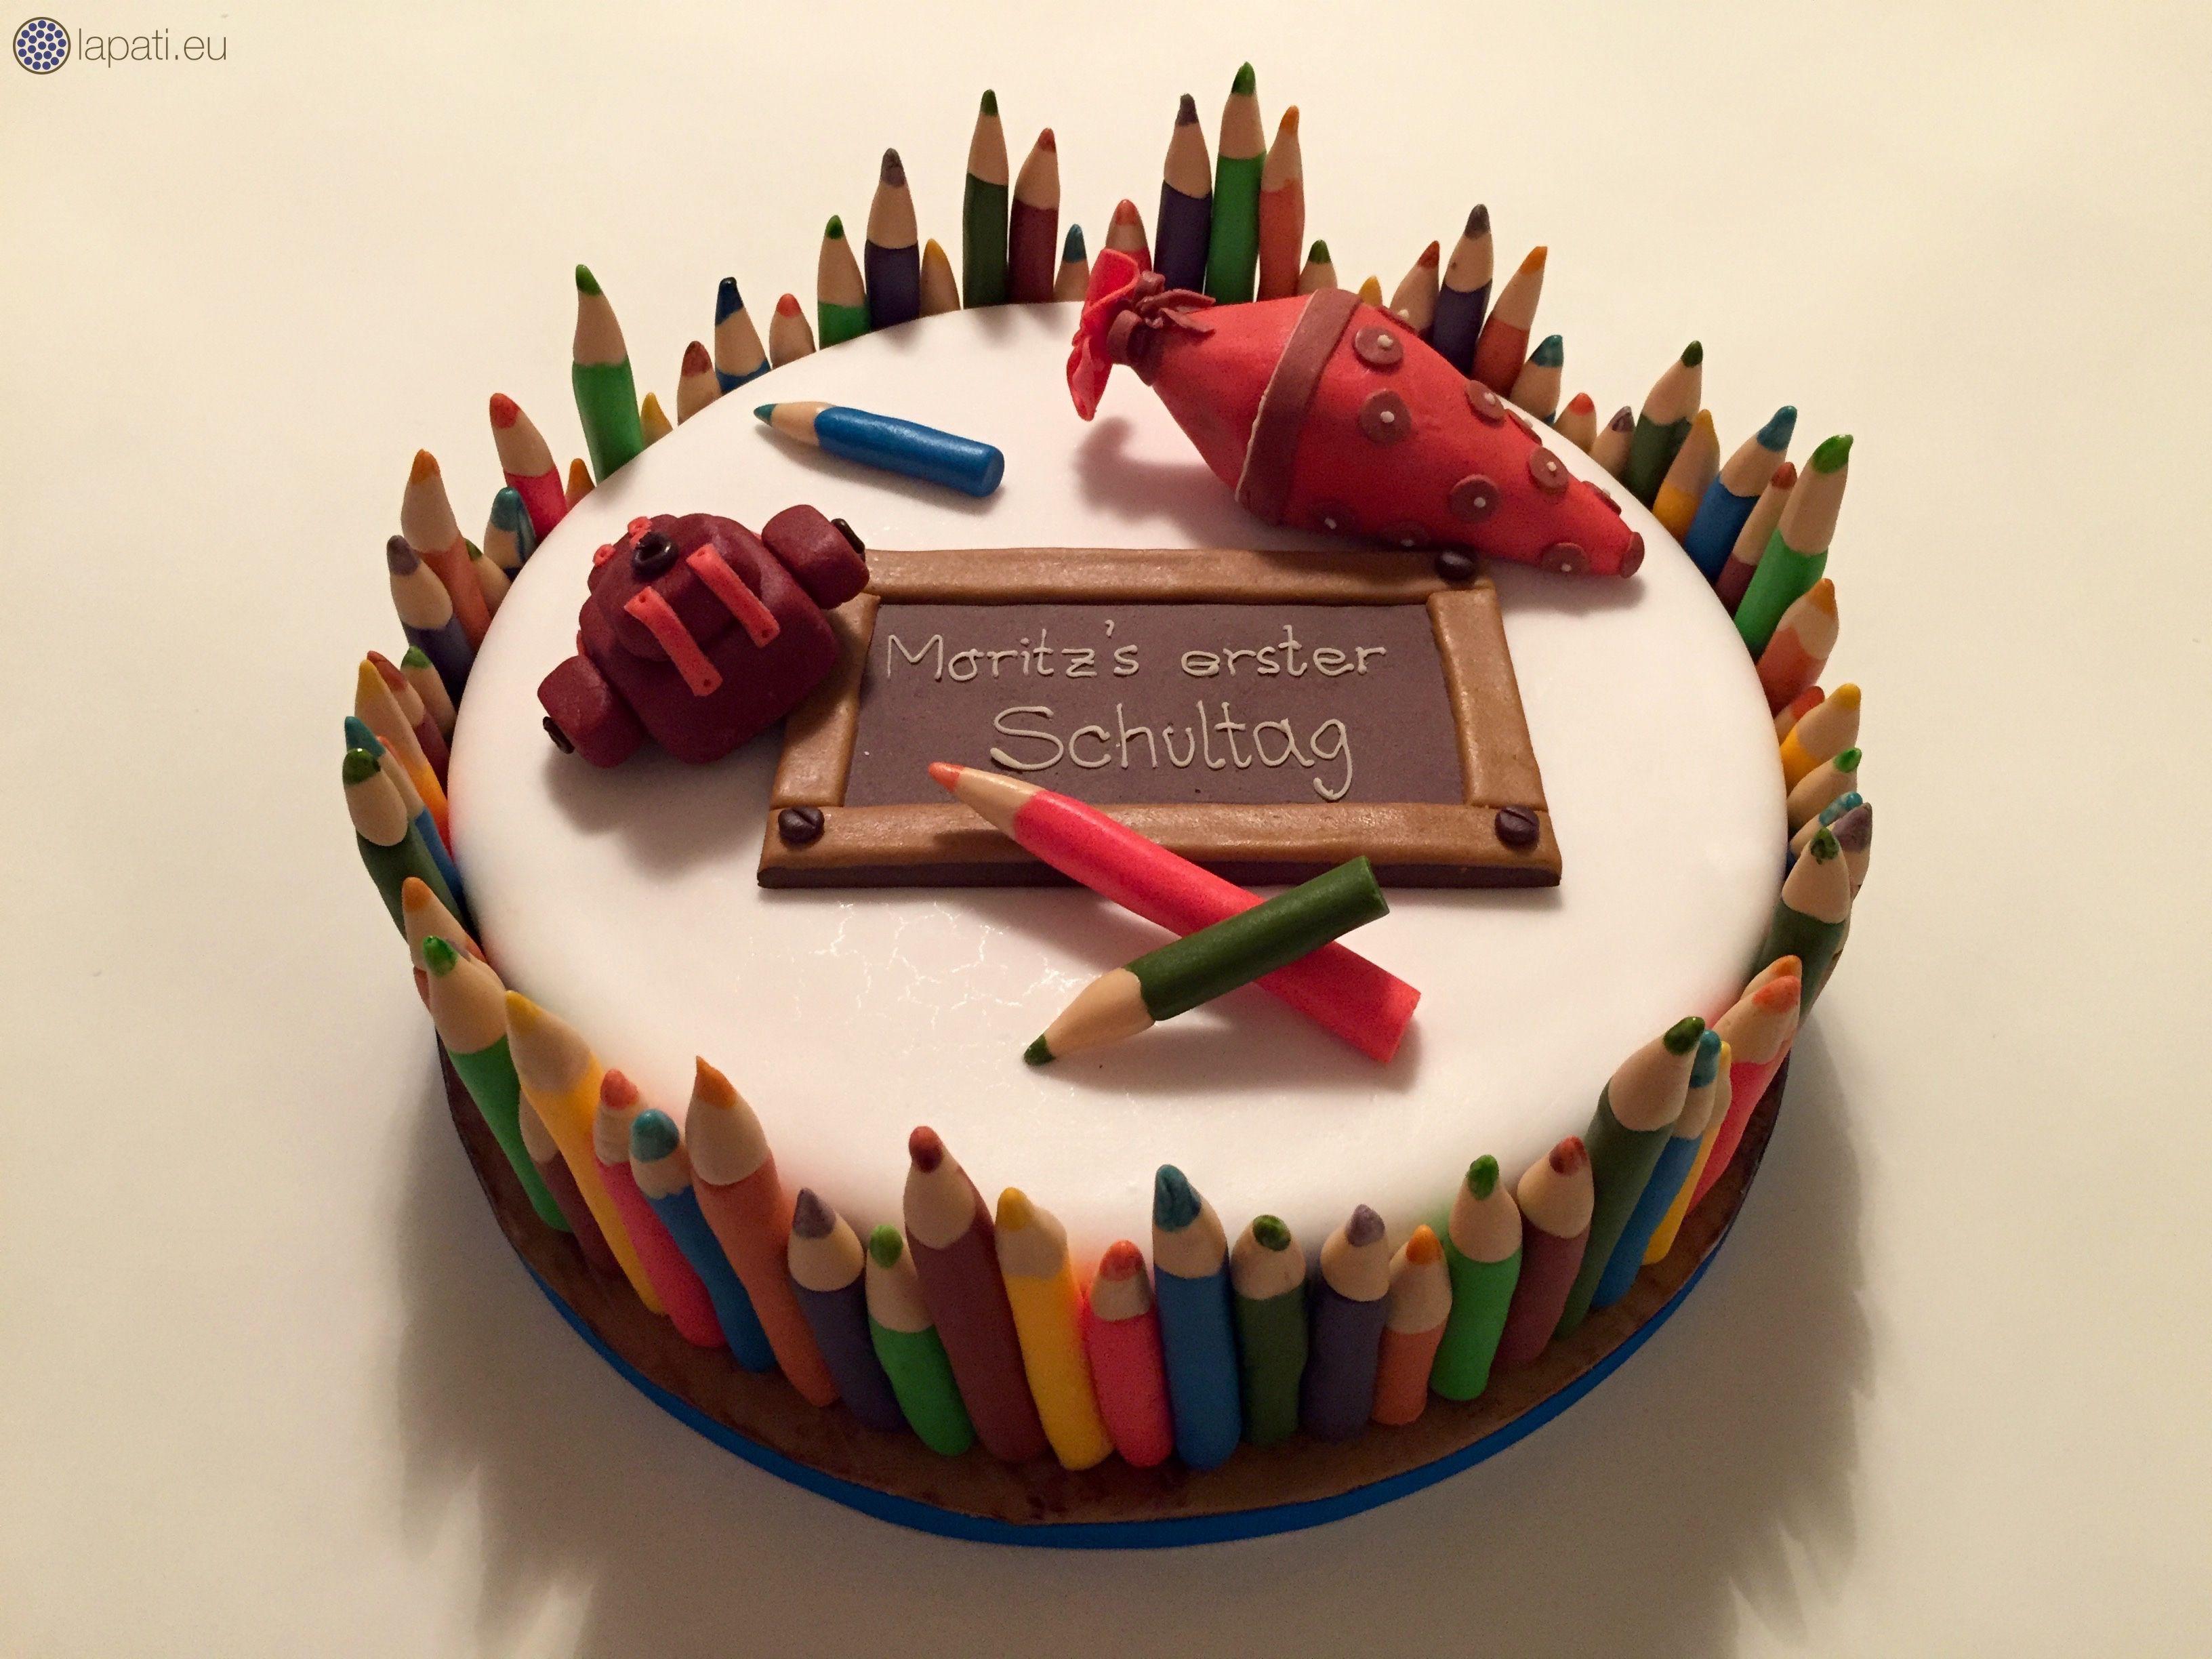 Torte zum ersten Schultag  Schulanfang in Bayern  Fondantart  Cakes als Kunst  Pinterest